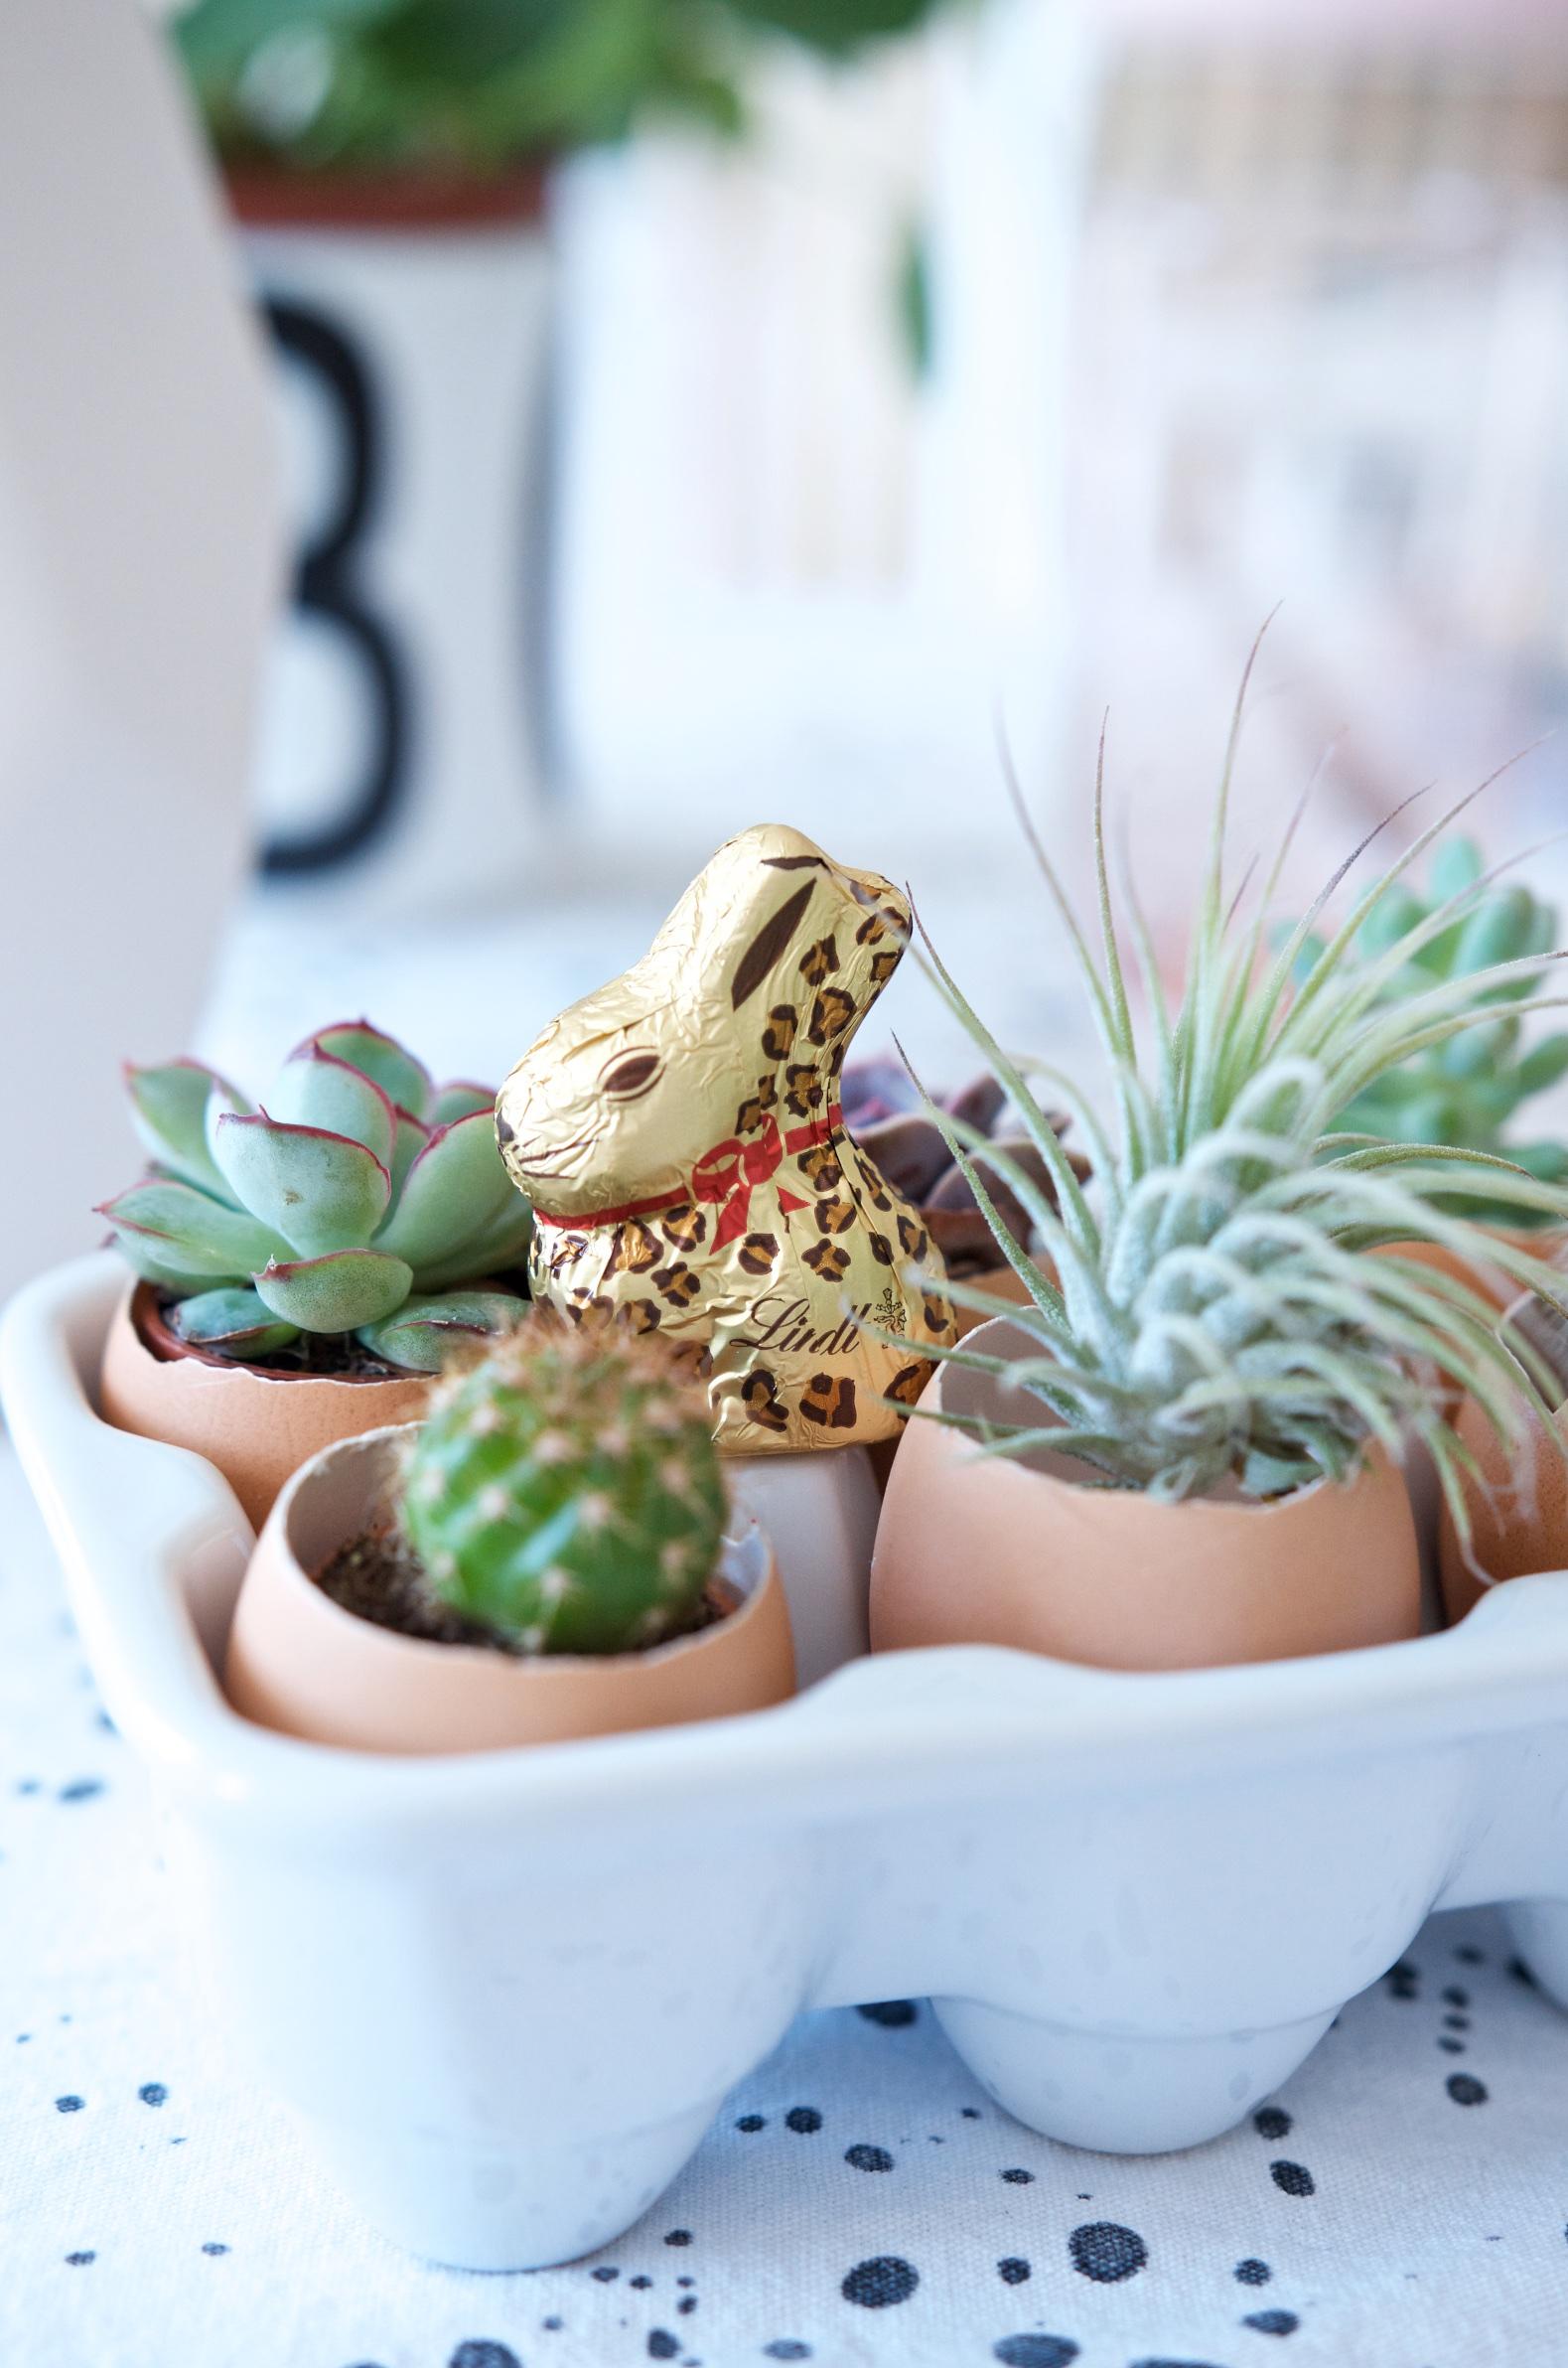 Mini Sukkulenten und Airplant in Eierschalen als ausgefallene Deko für den Osterbrunch Tisch mit Goldhase im Leo-Look von Lindt als Highlight